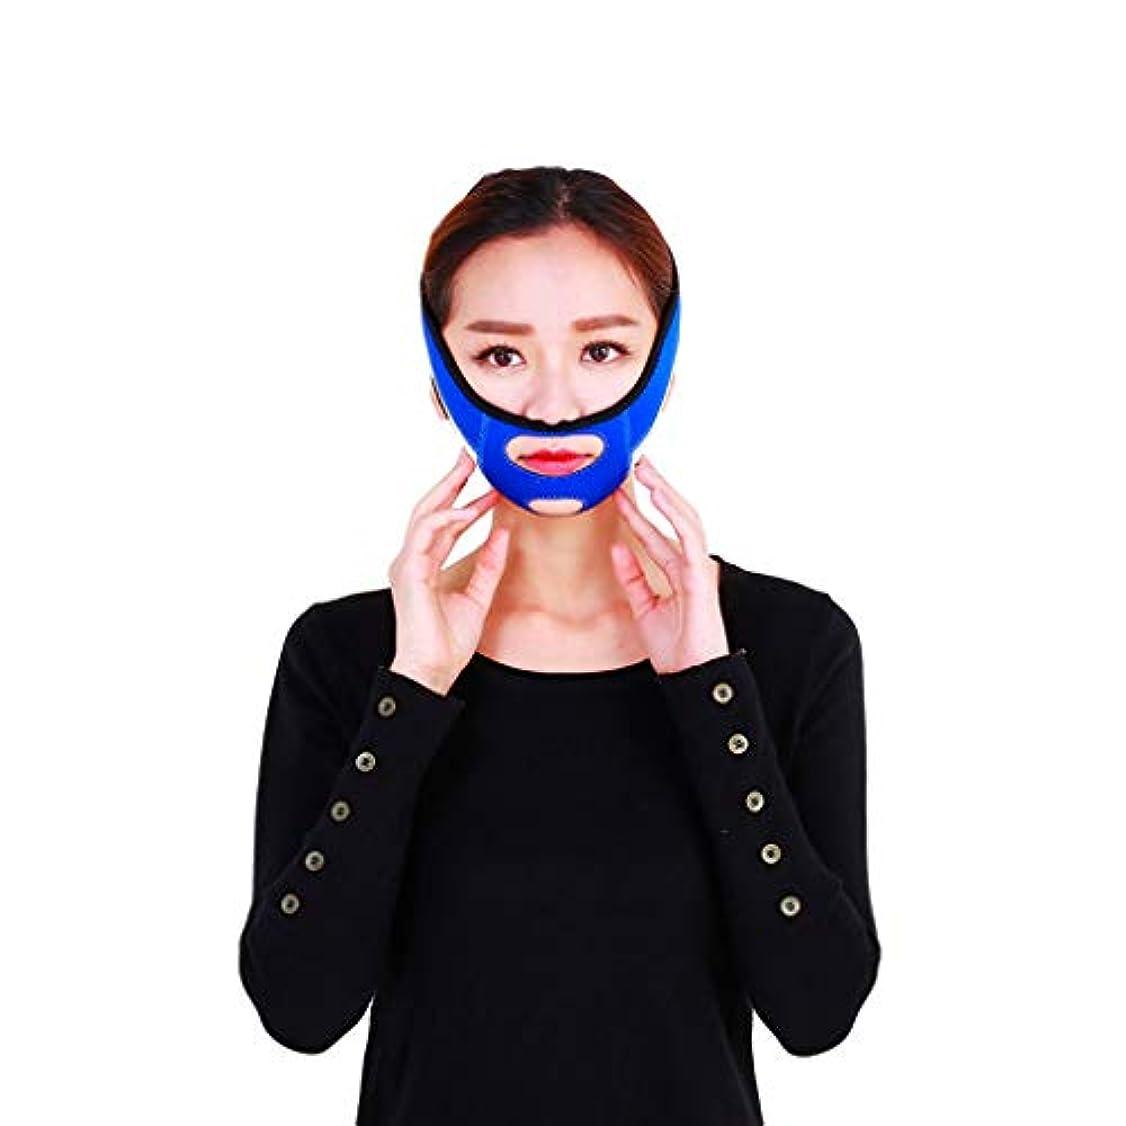 時刻表ブラウンバトル滑り止め弾性ストレッチ包帯を強化するために口を調整する顔の顔のマスク